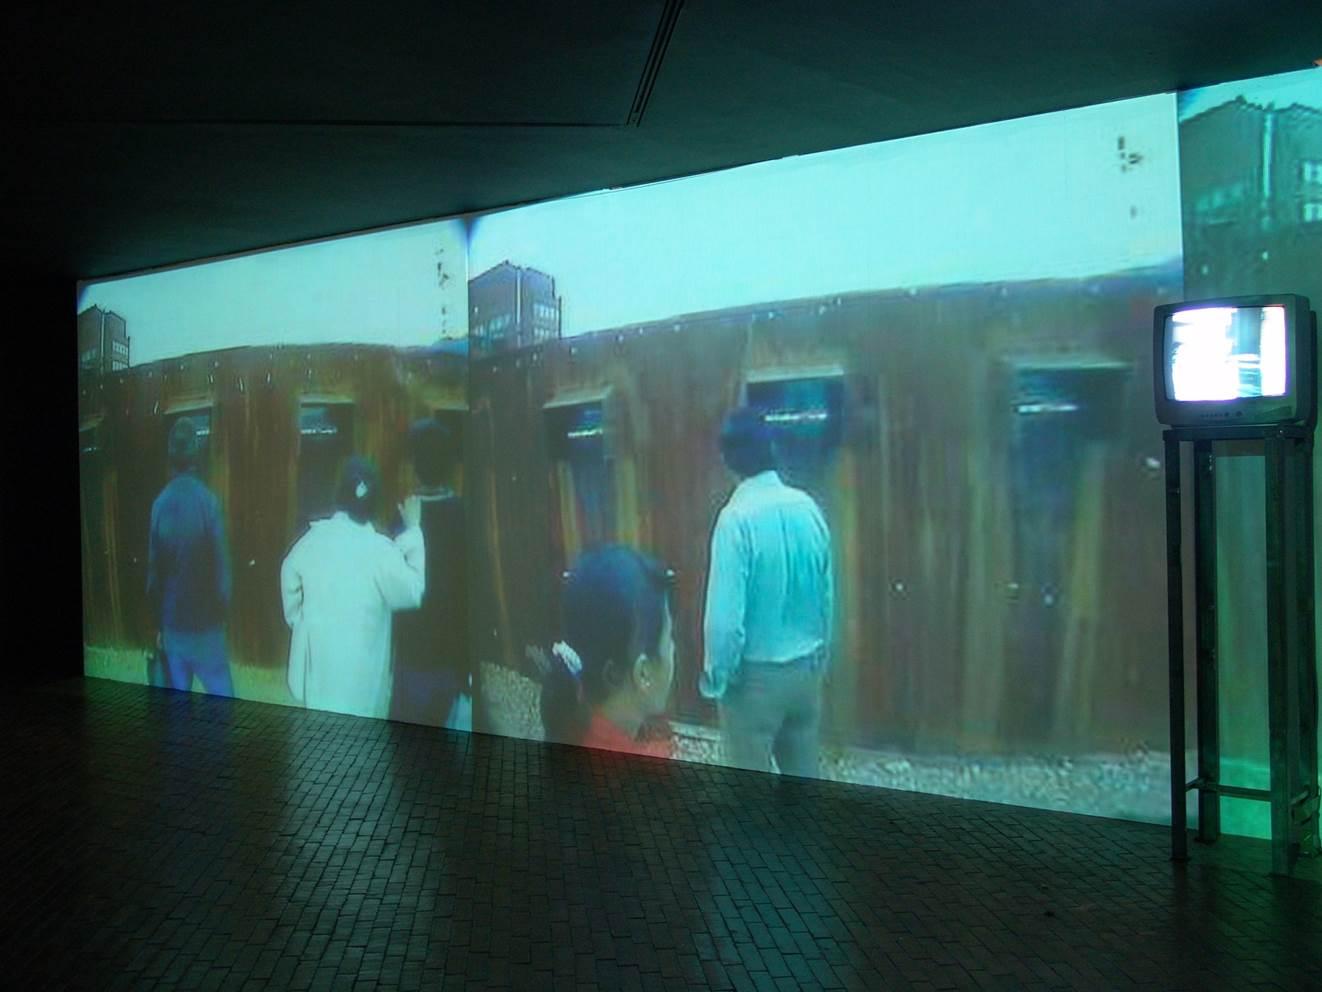 [Image 5 - La limpieza de los establos de Augías, Museum of Modern Art/Tercer Milienio park, Bogota, 2004, photograph by Rolando Vargas © Mapa Teatro Archive]